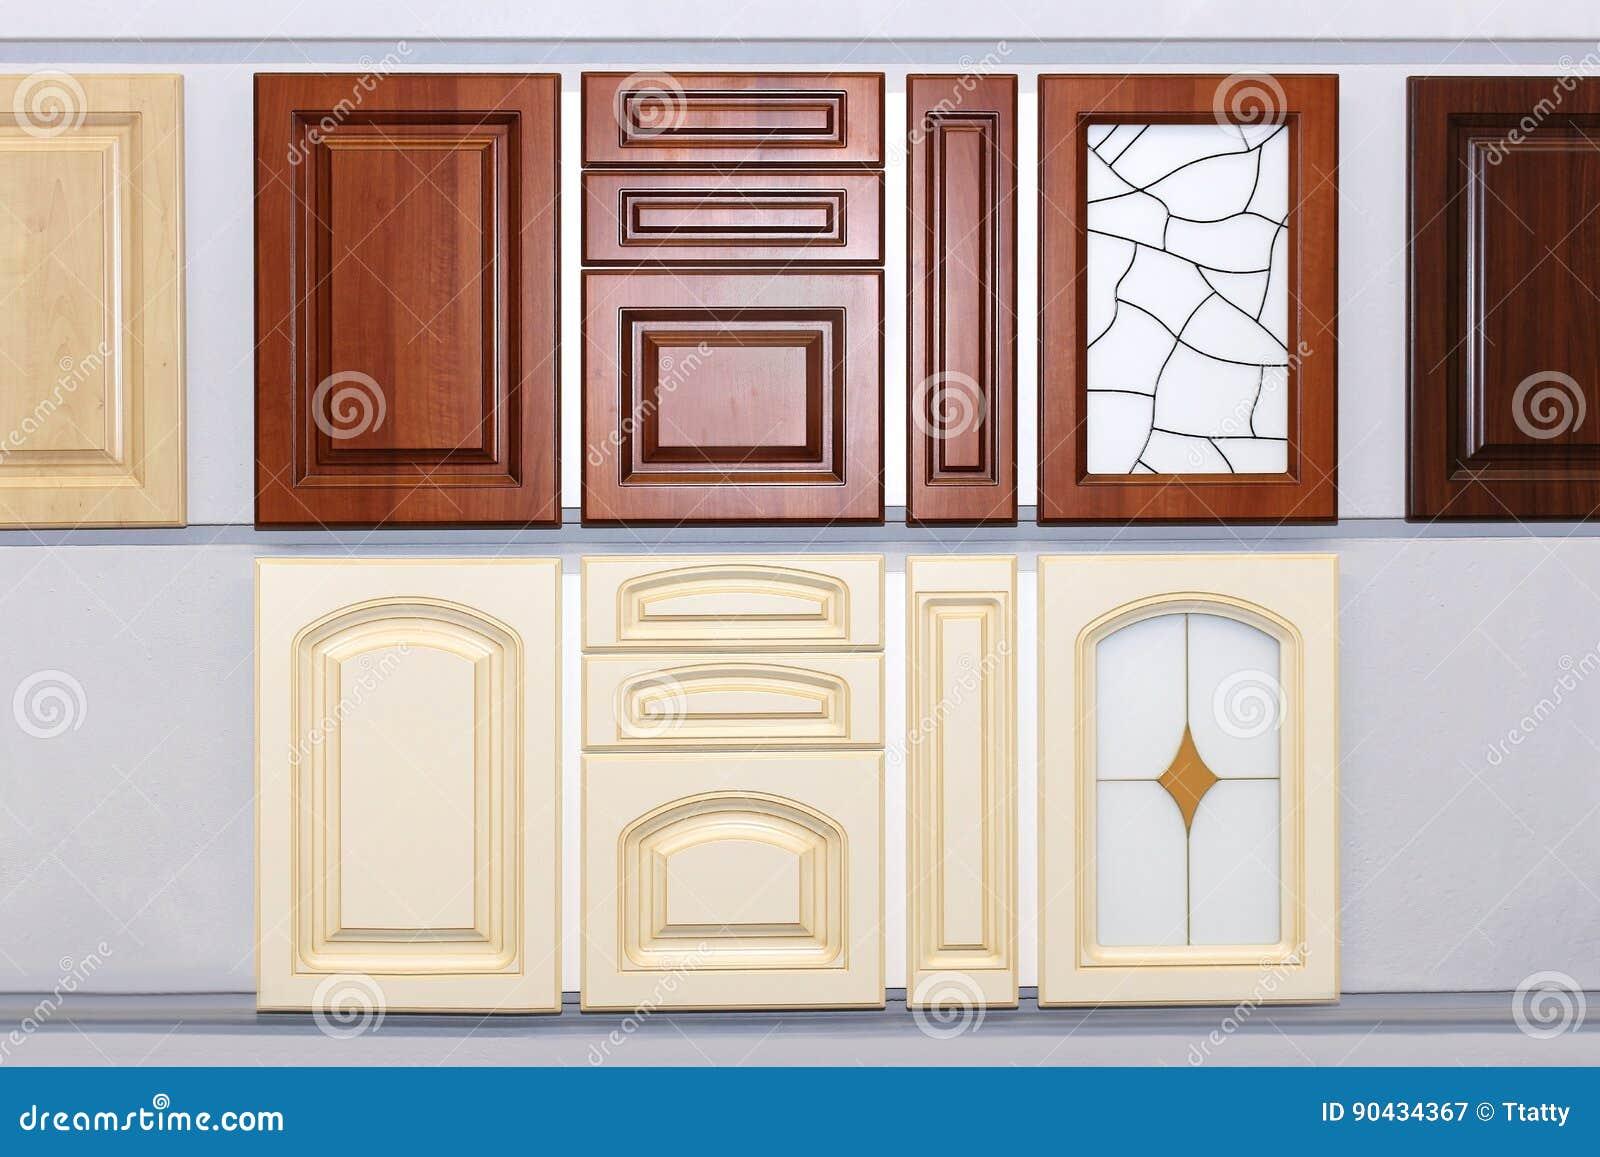 Porte Dell\'armadio Da Cucina Immagine Stock - Immagine di wooden ...